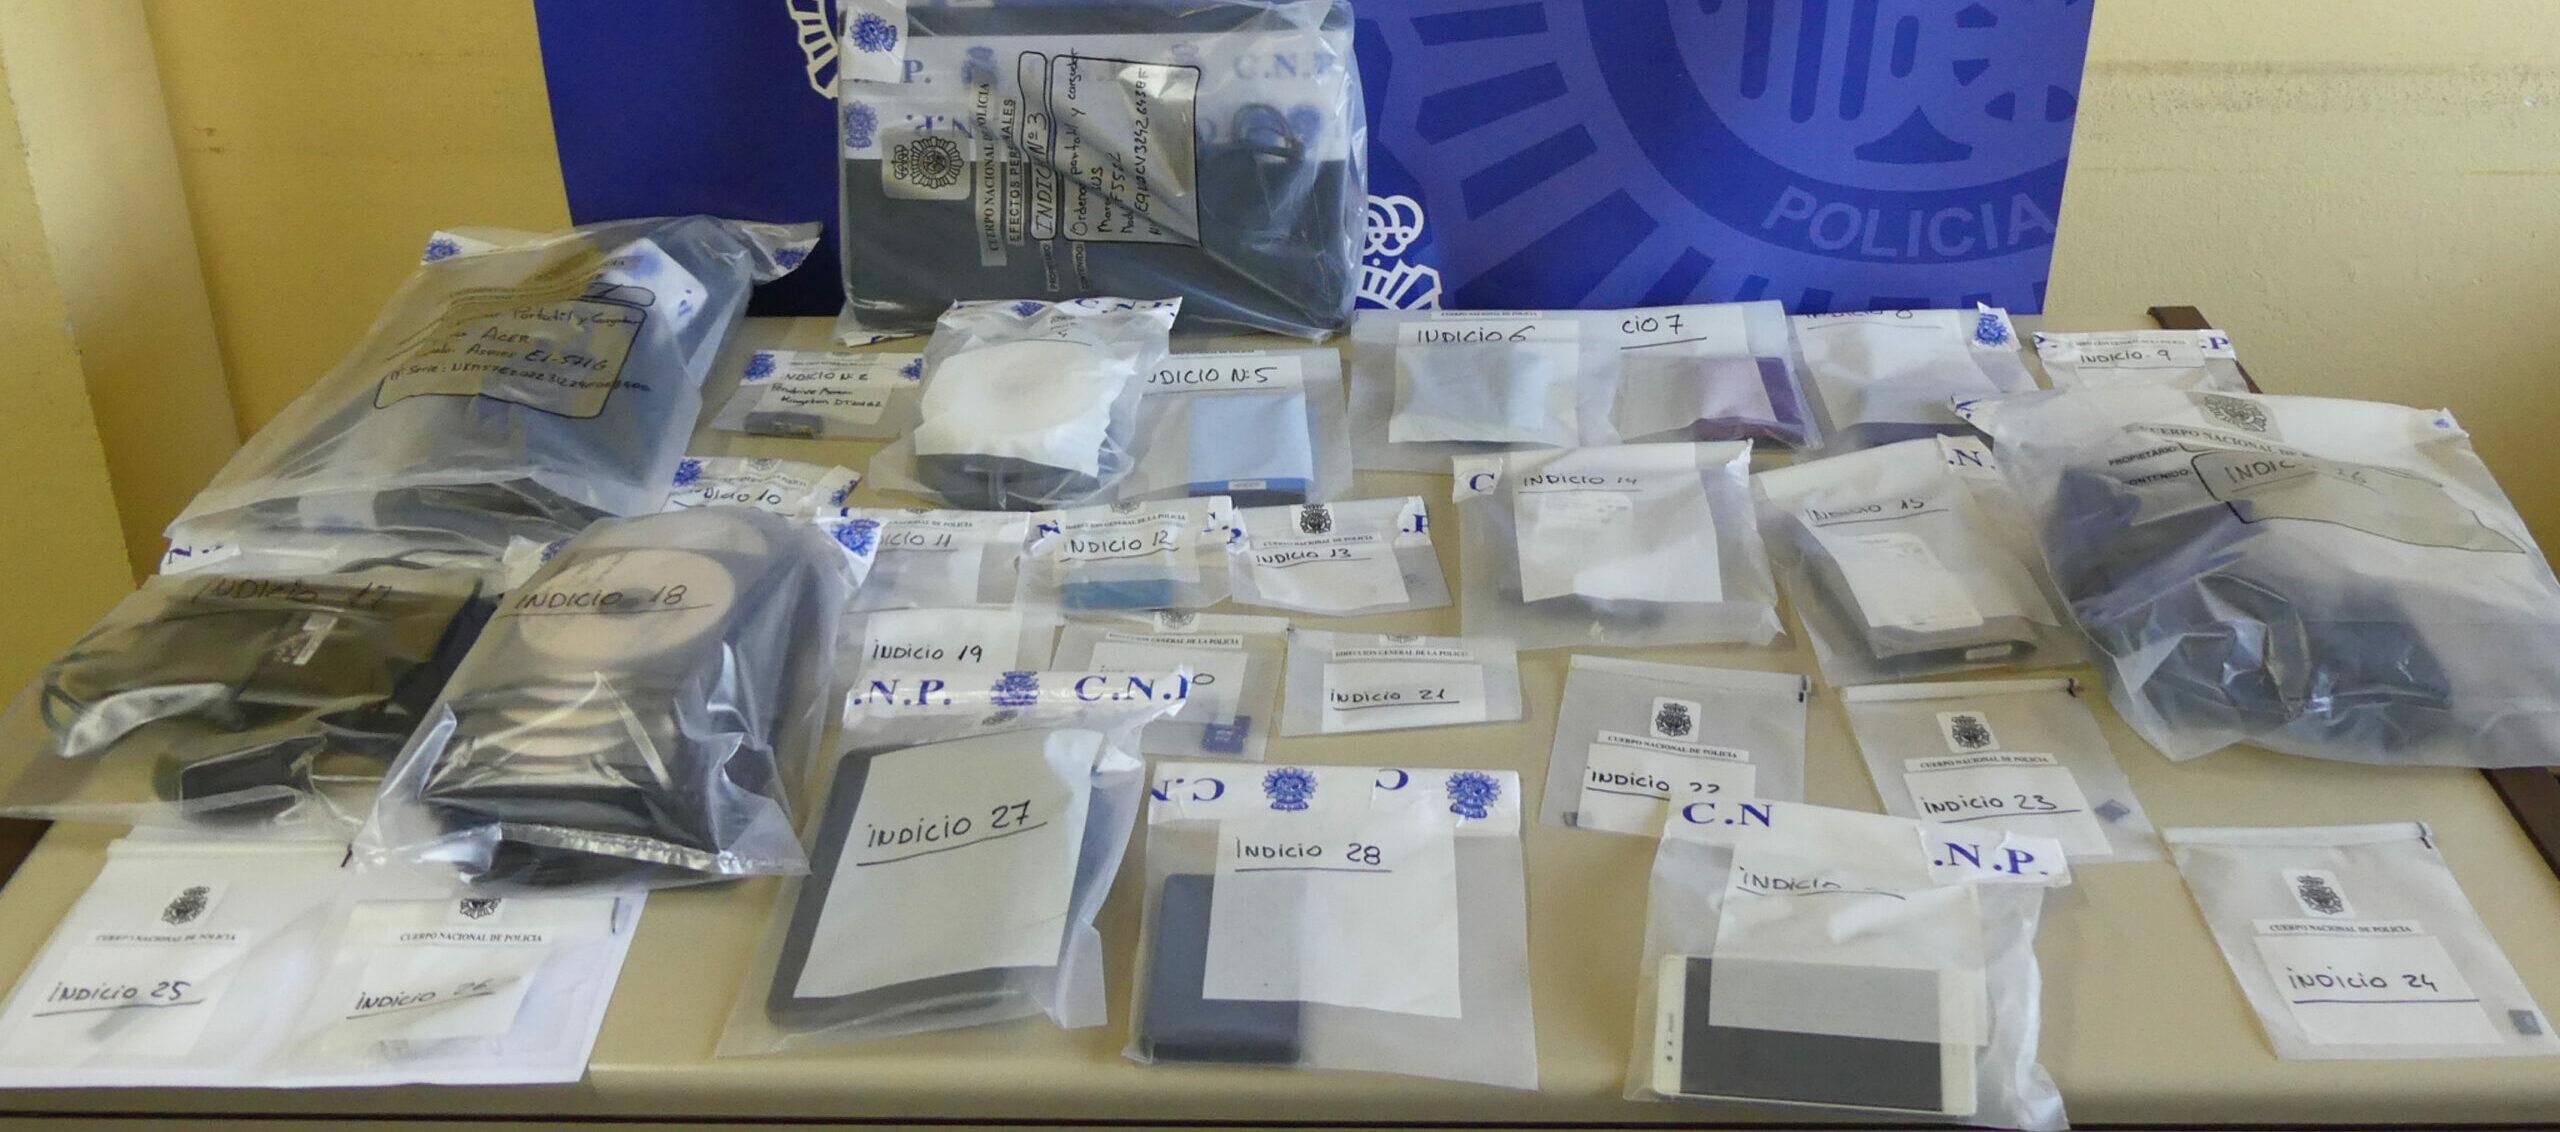 Material intervingut per la policia espanyola en la desarticulació d'un grup que distribuïa pornografia infantil a Tarragona. Imatge del 29 de juny de 2018 / ACN